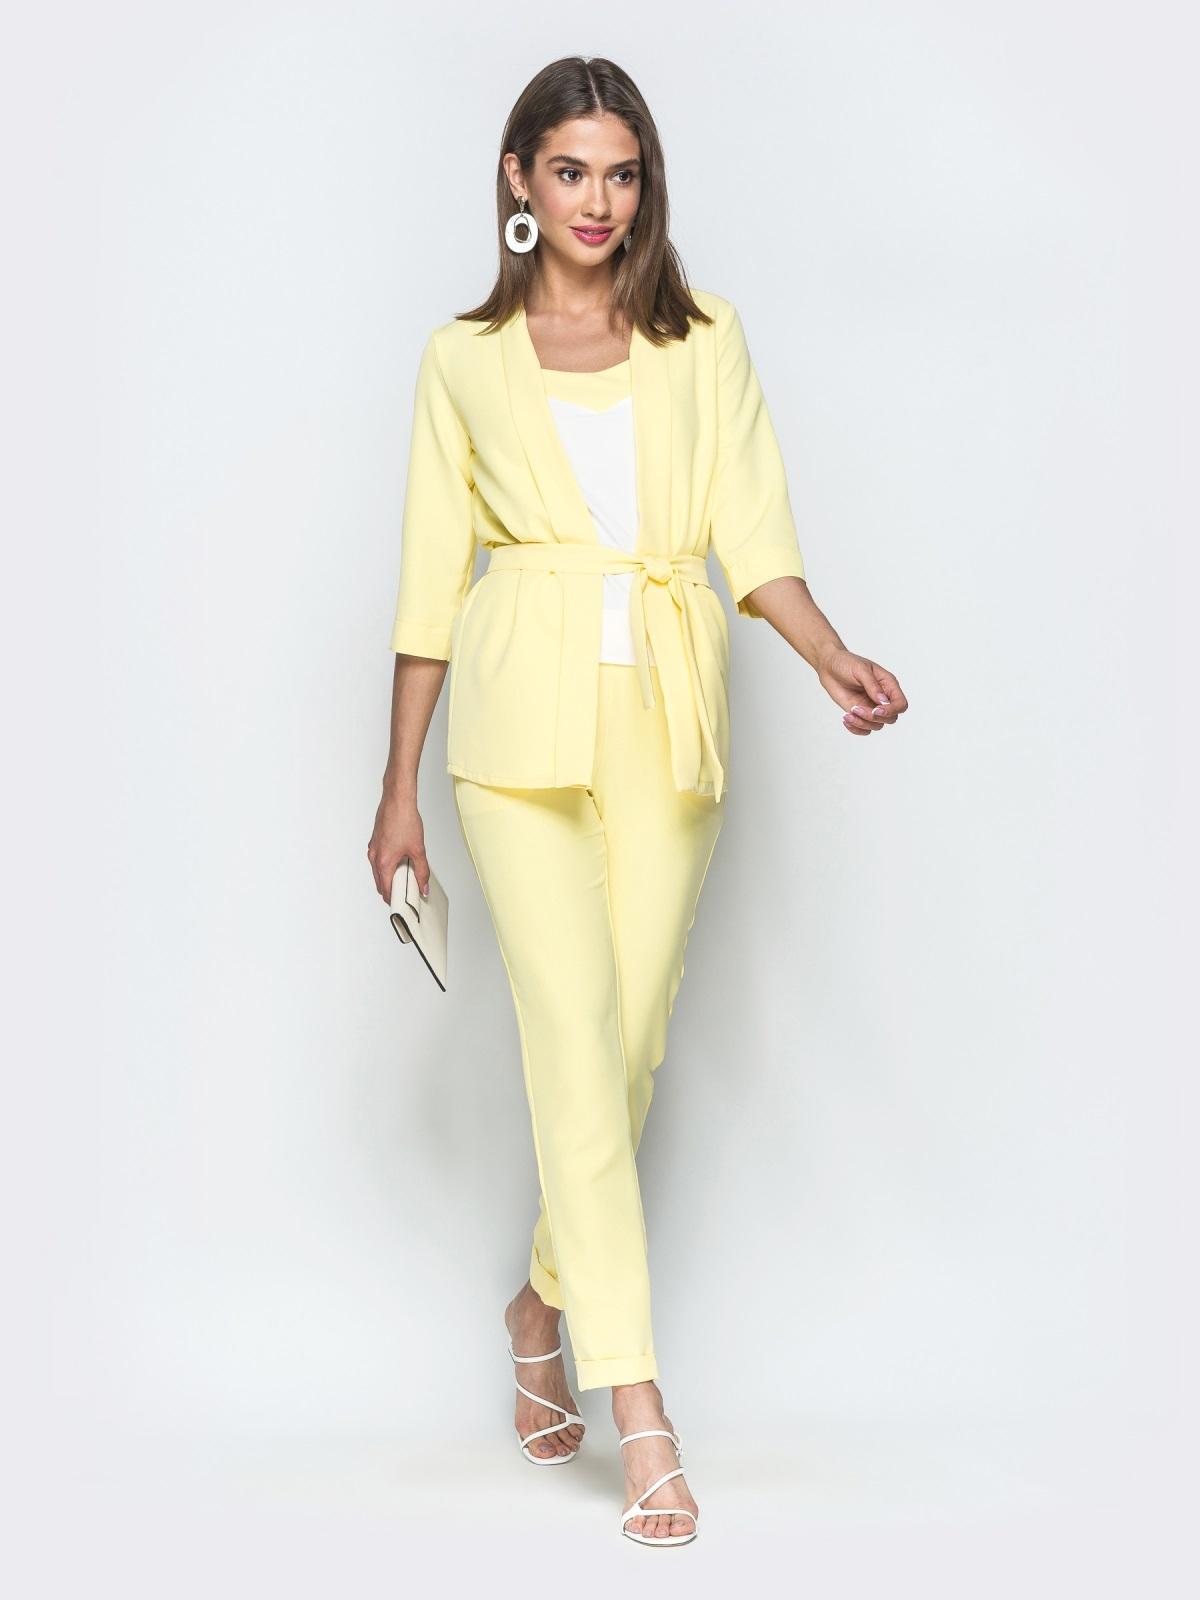 Брючный комплект-тройка с жакетом желтый - 39362, фото 1 – интернет-магазин Dressa